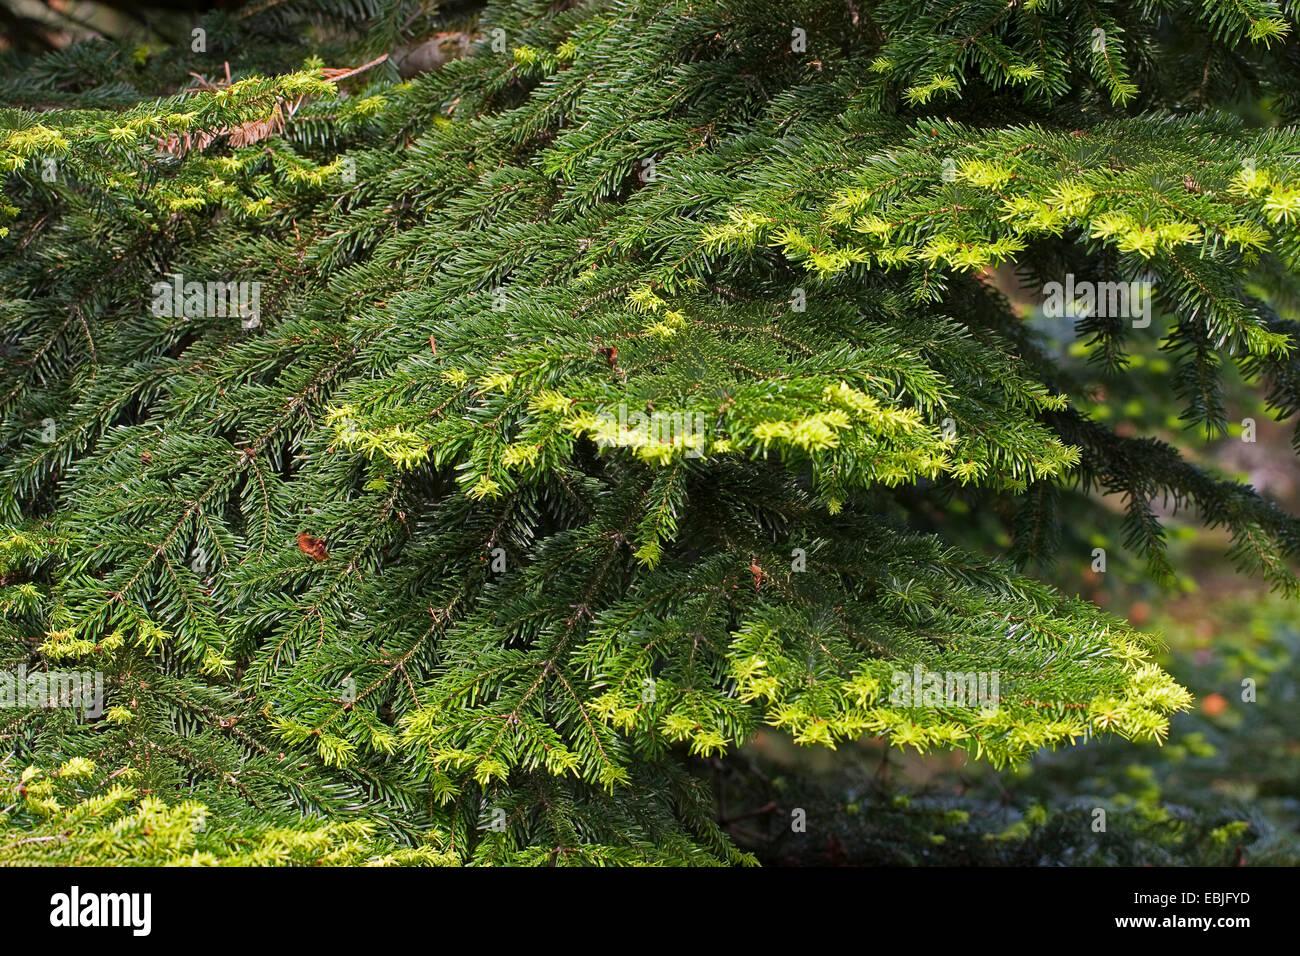 Nordmann Fir, Caucasian Fir, Christmas Tree (Abies